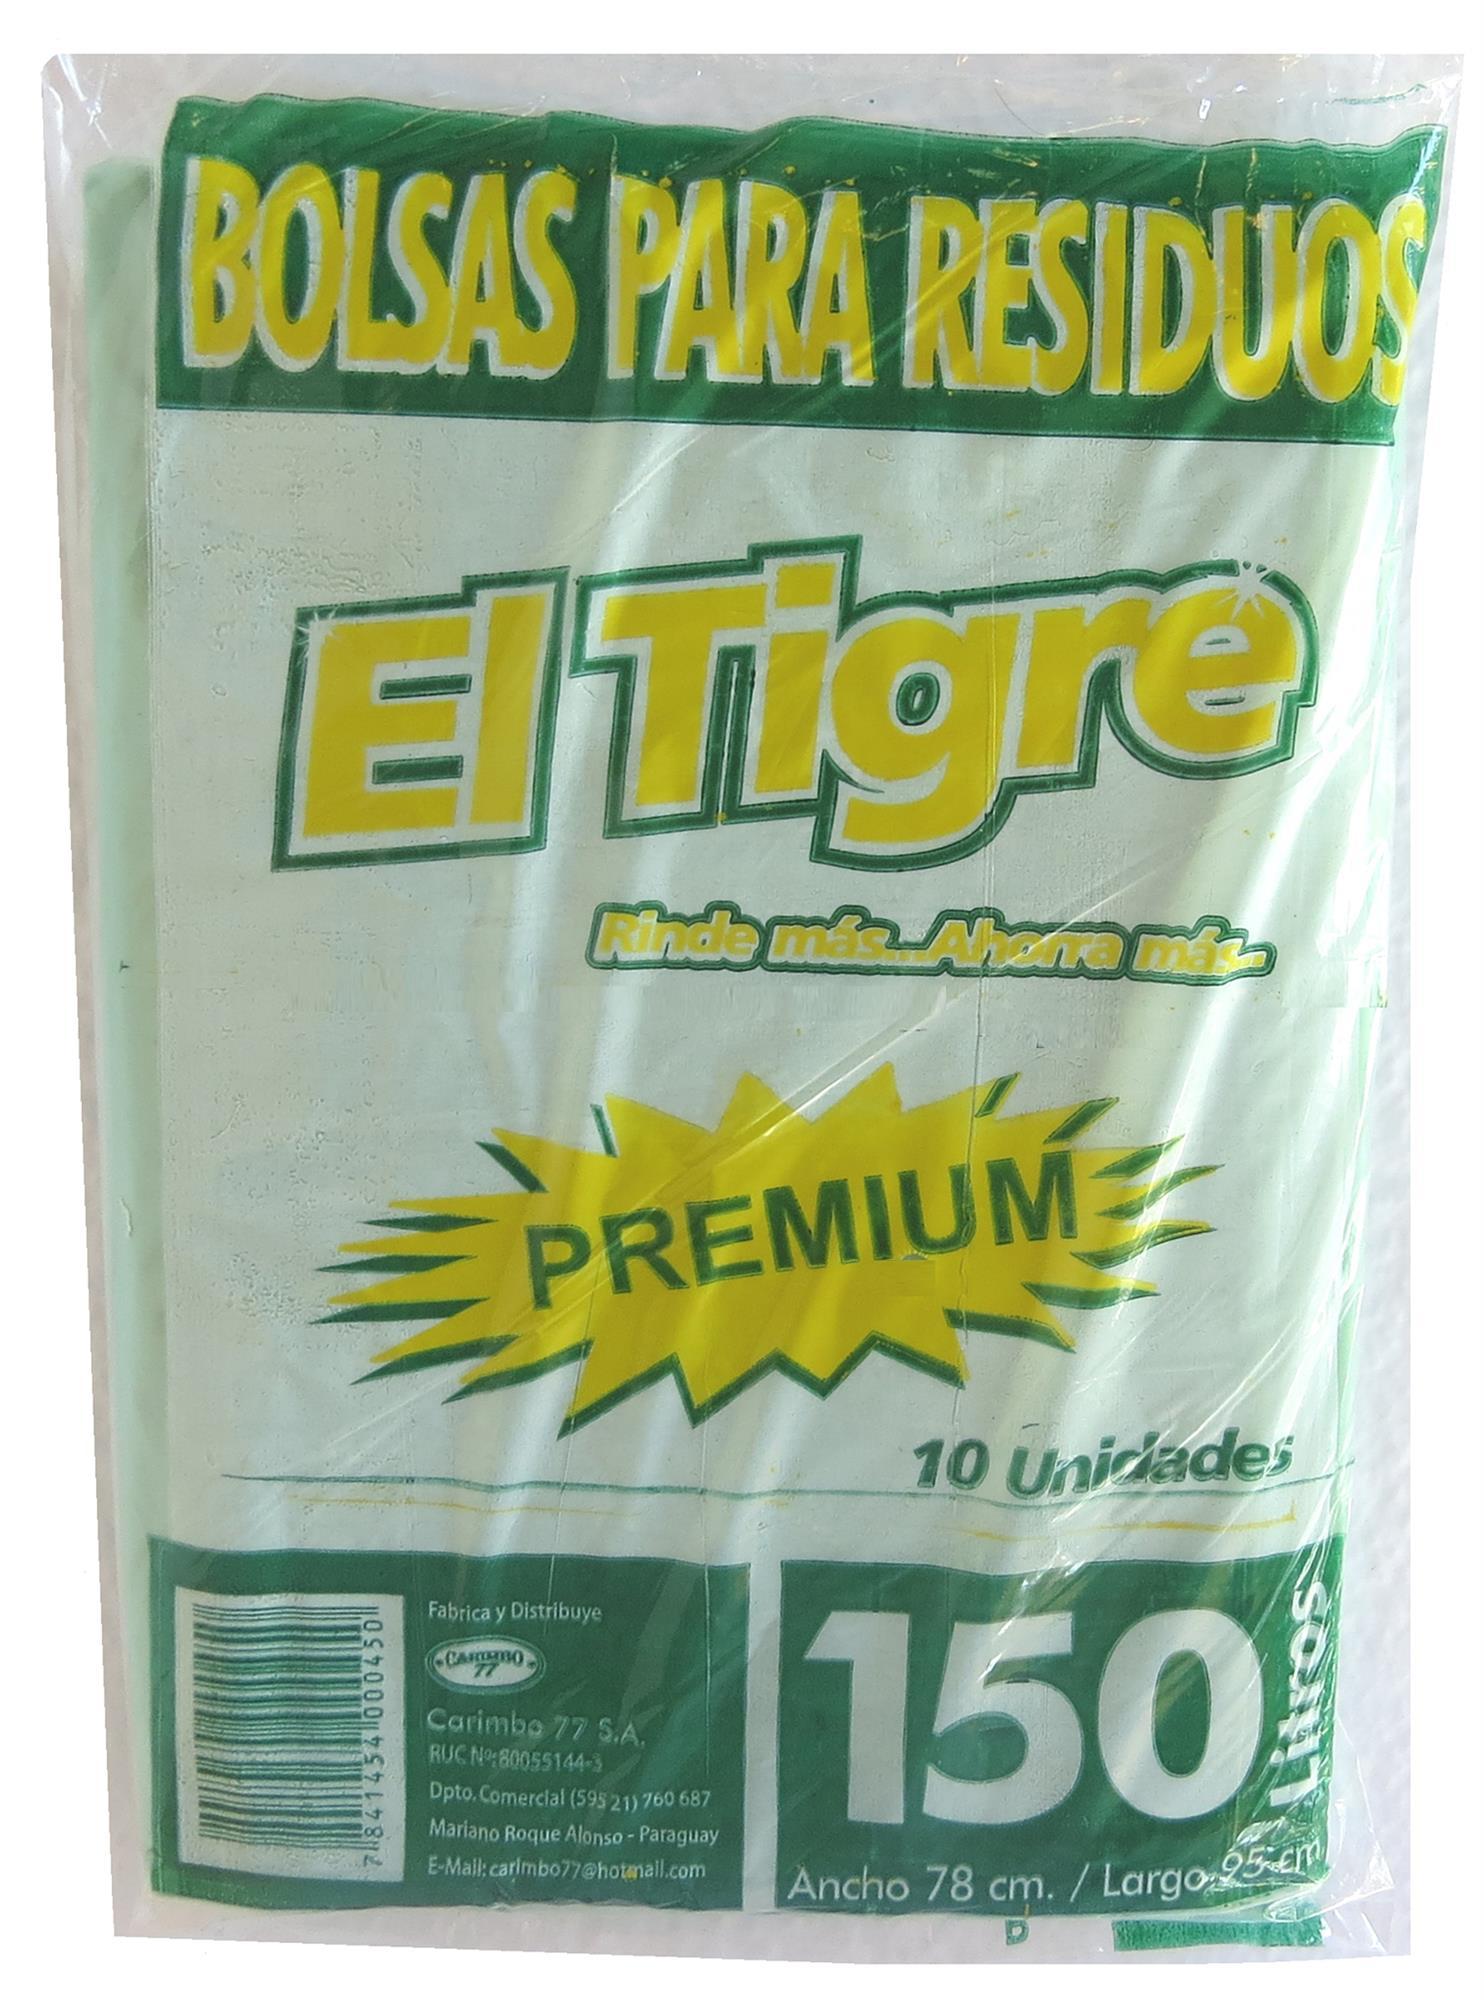 BOLSA DE RESIDUOS 150 LT X 10 UNID EL TIGRE PREMIUM PAQUETE